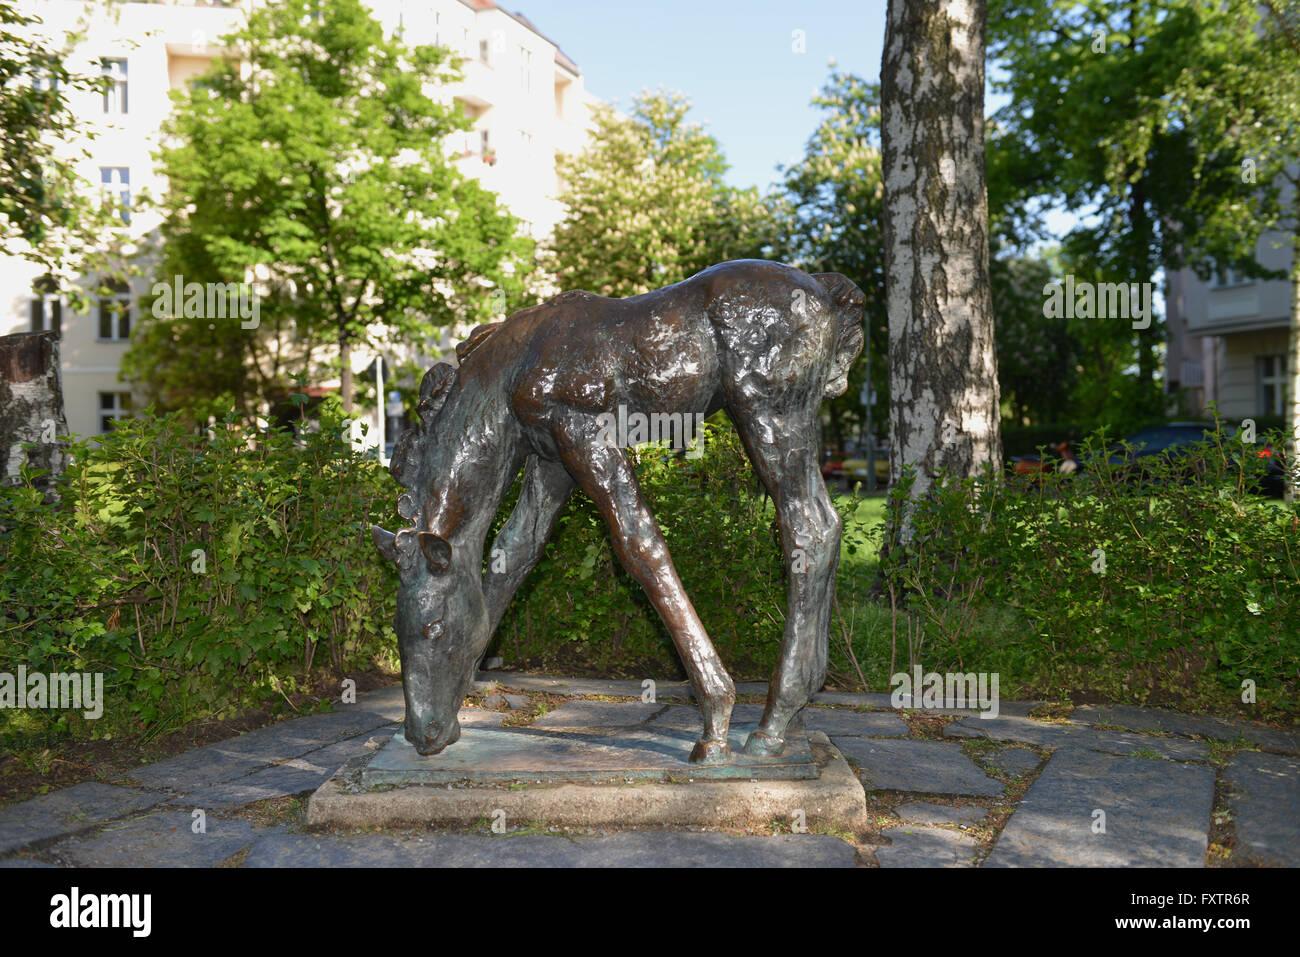 Grasendes Fohlen, Renée Sintenis-Platz, Friedenau, Berlin, Deutschland - Stock Image